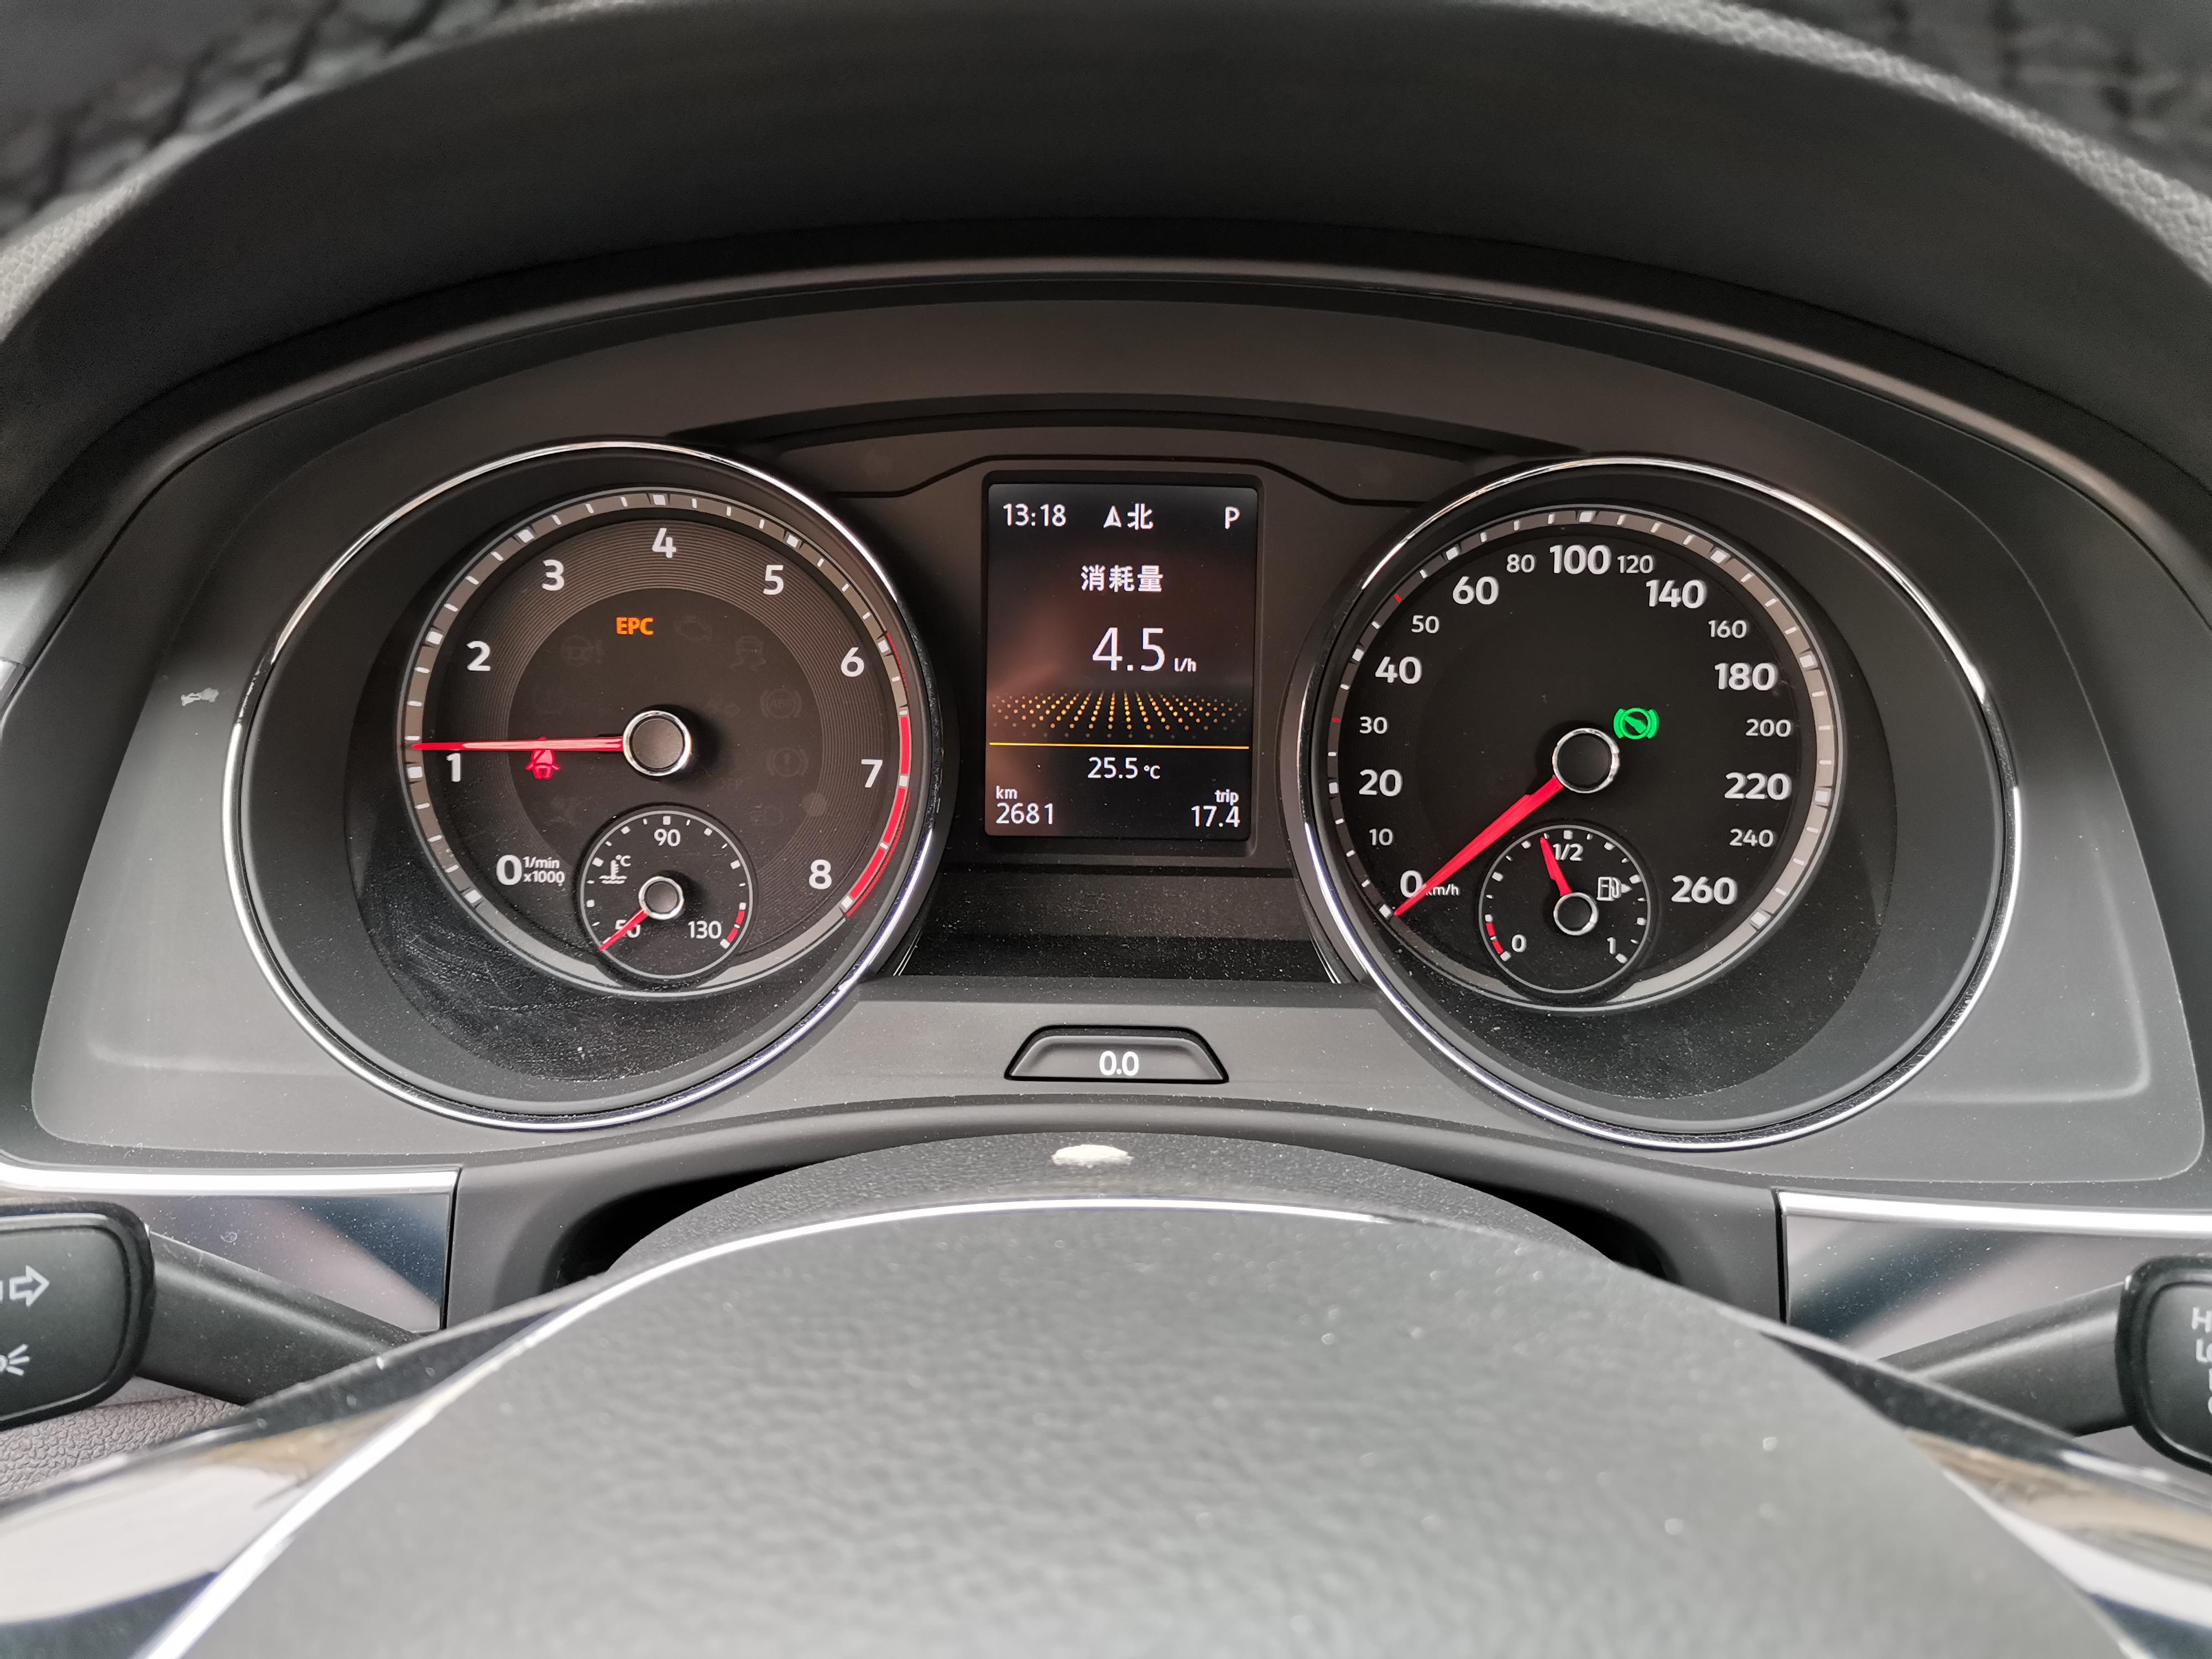 大众-途昂 刚用车一个月就出现EPC故障灯常亮,伴有发动机抖动